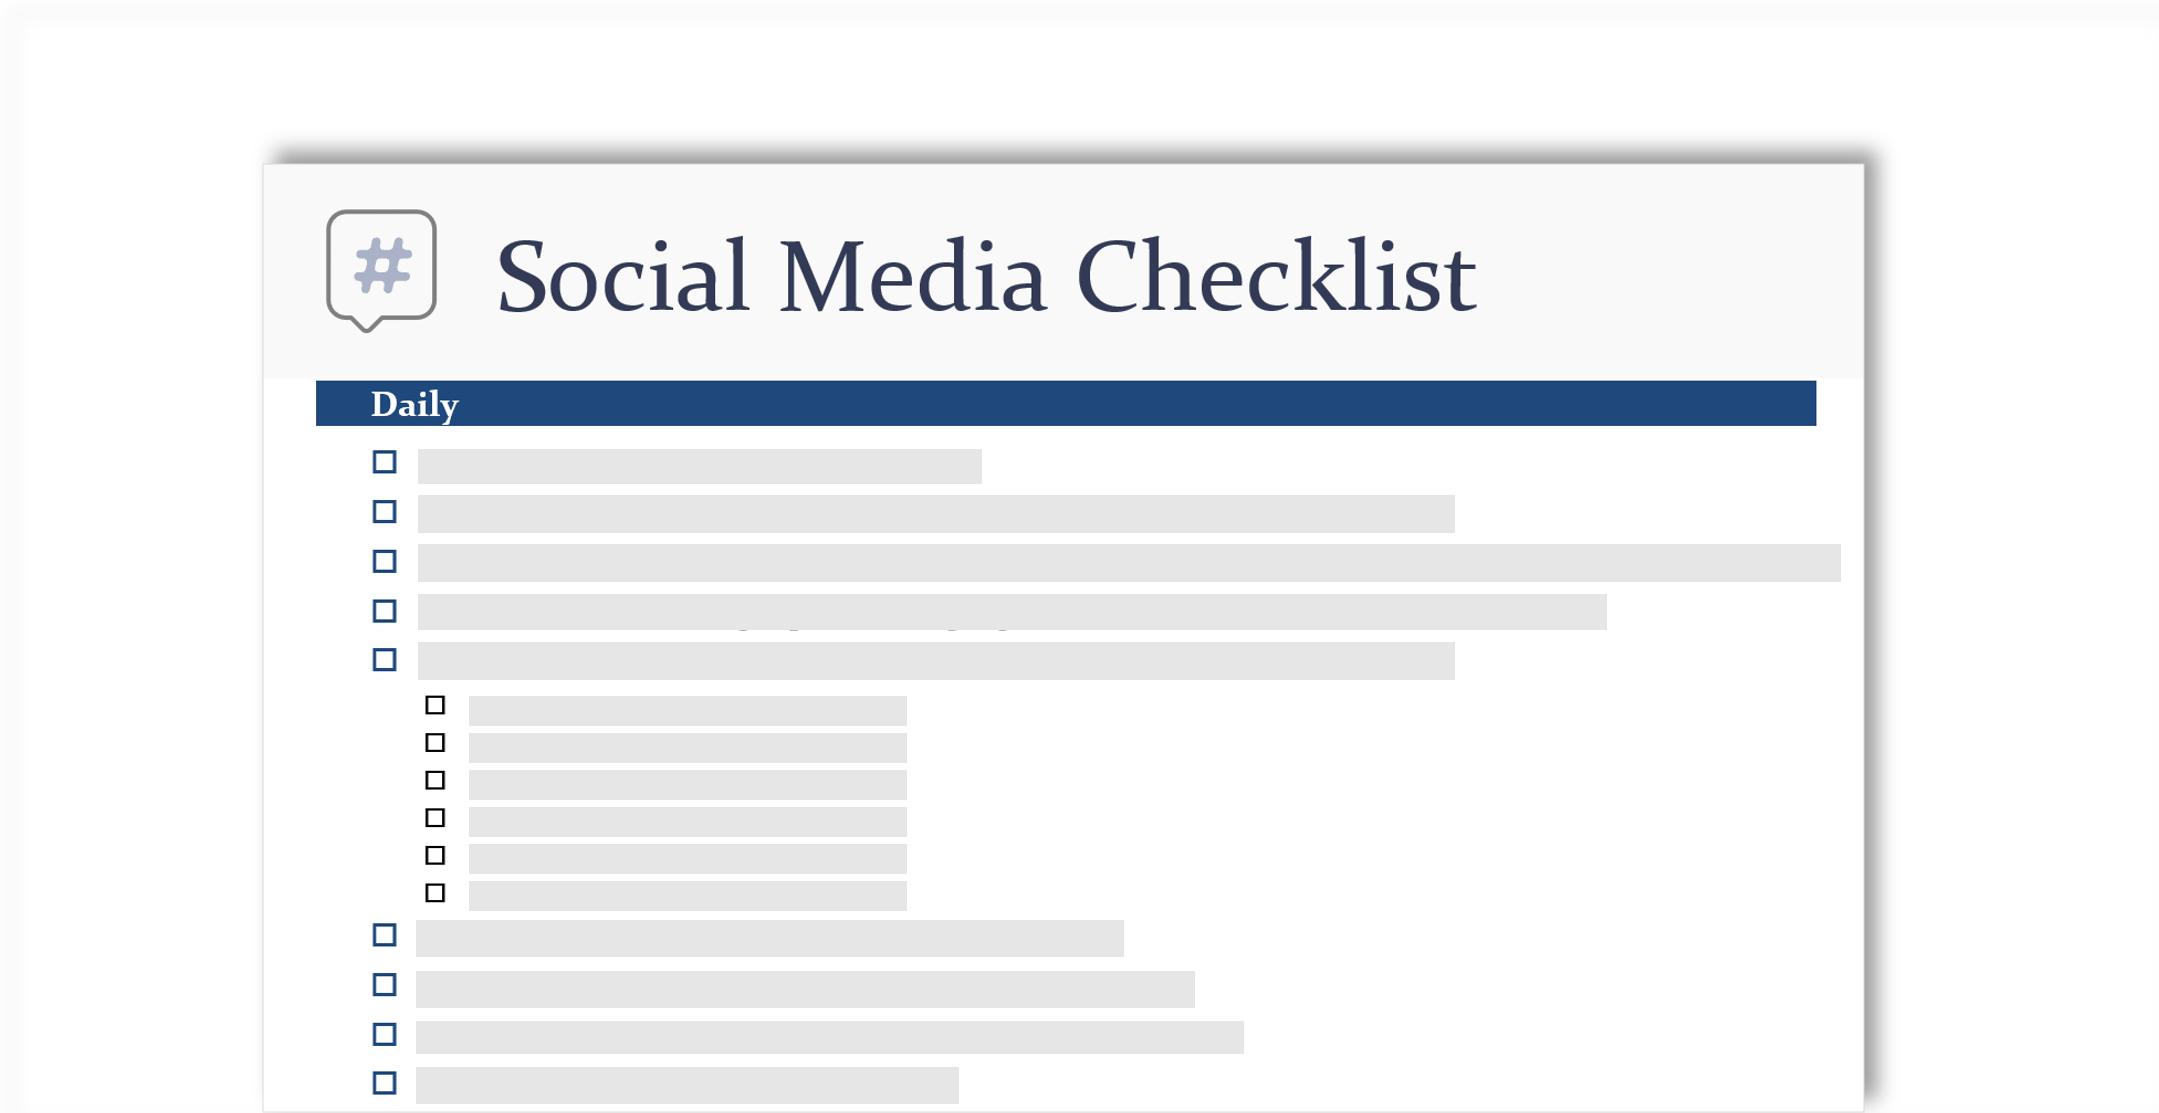 社交媒體檢查清單的概念性圖像